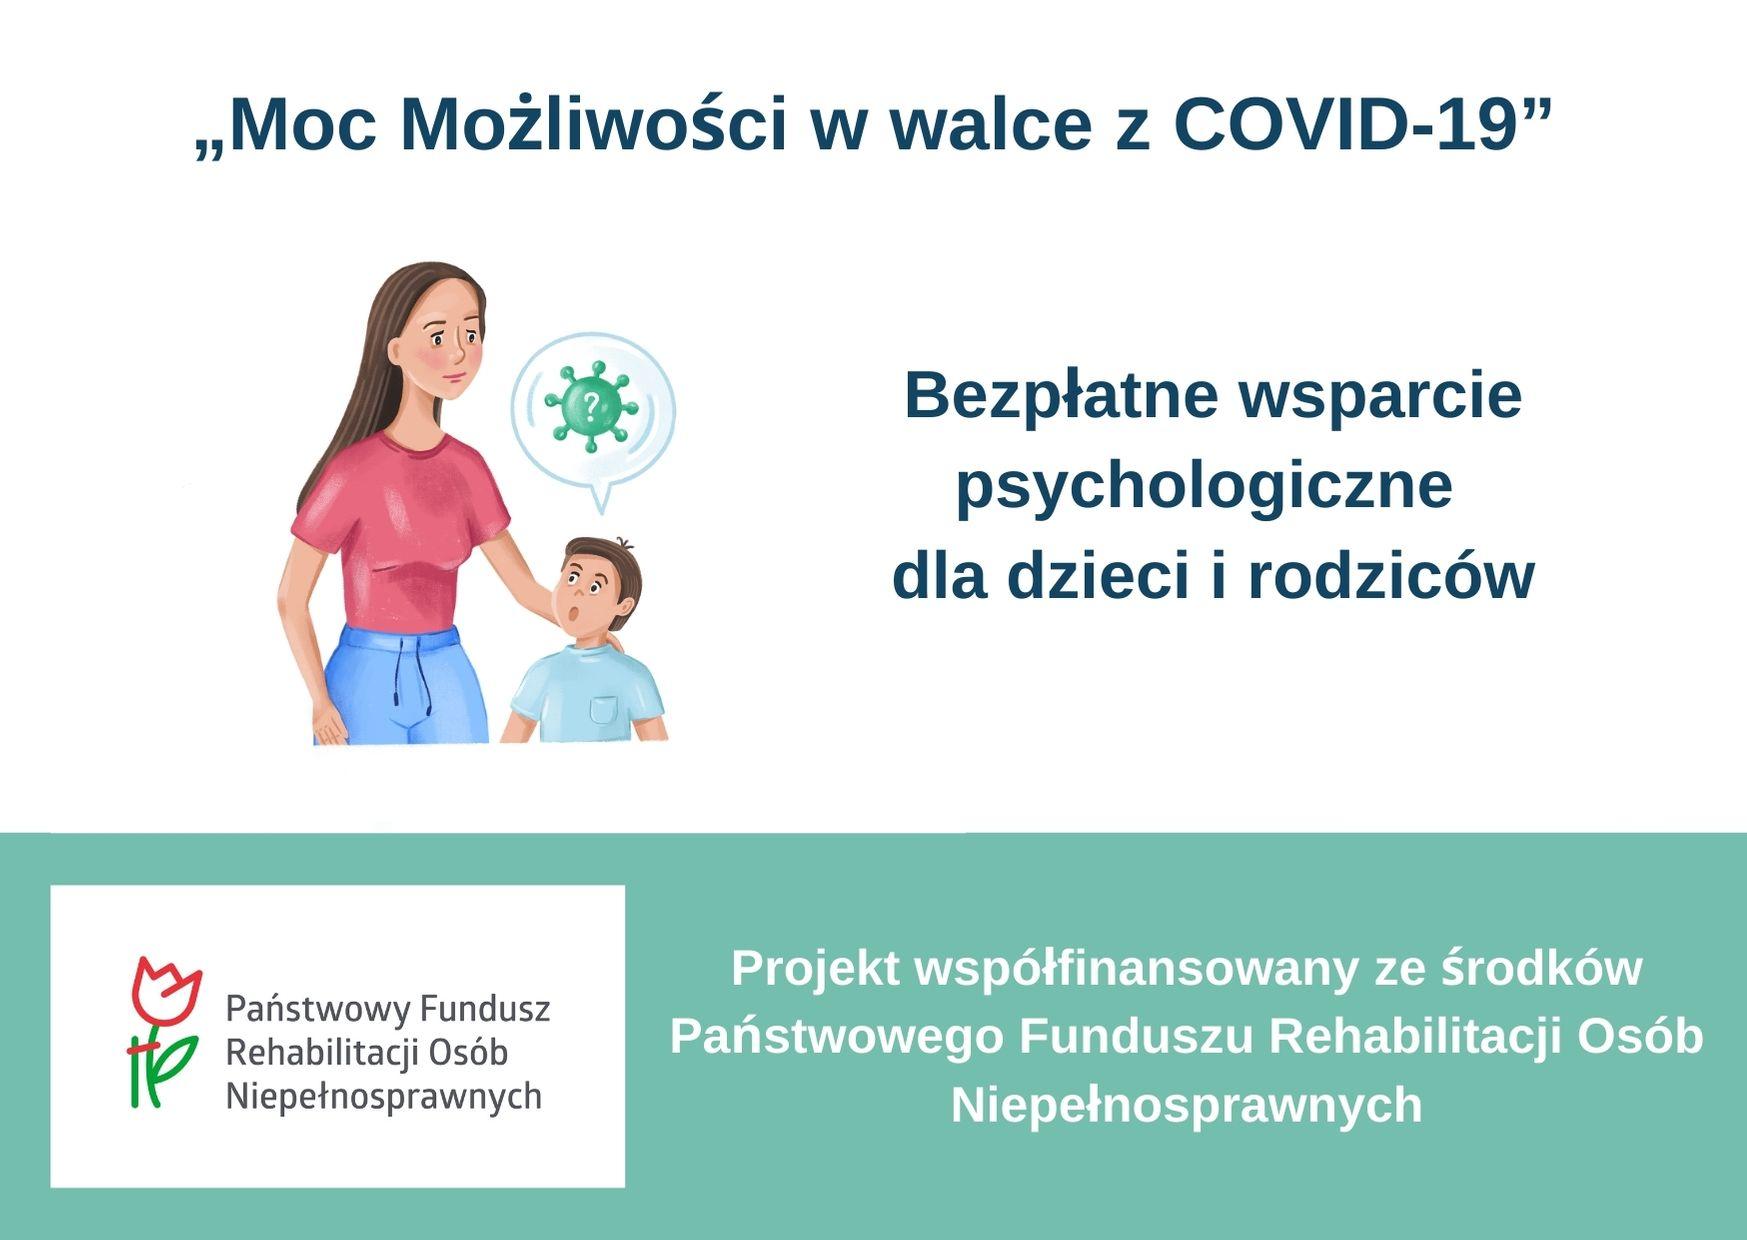 Moc Możliwości w walce z COVID-19